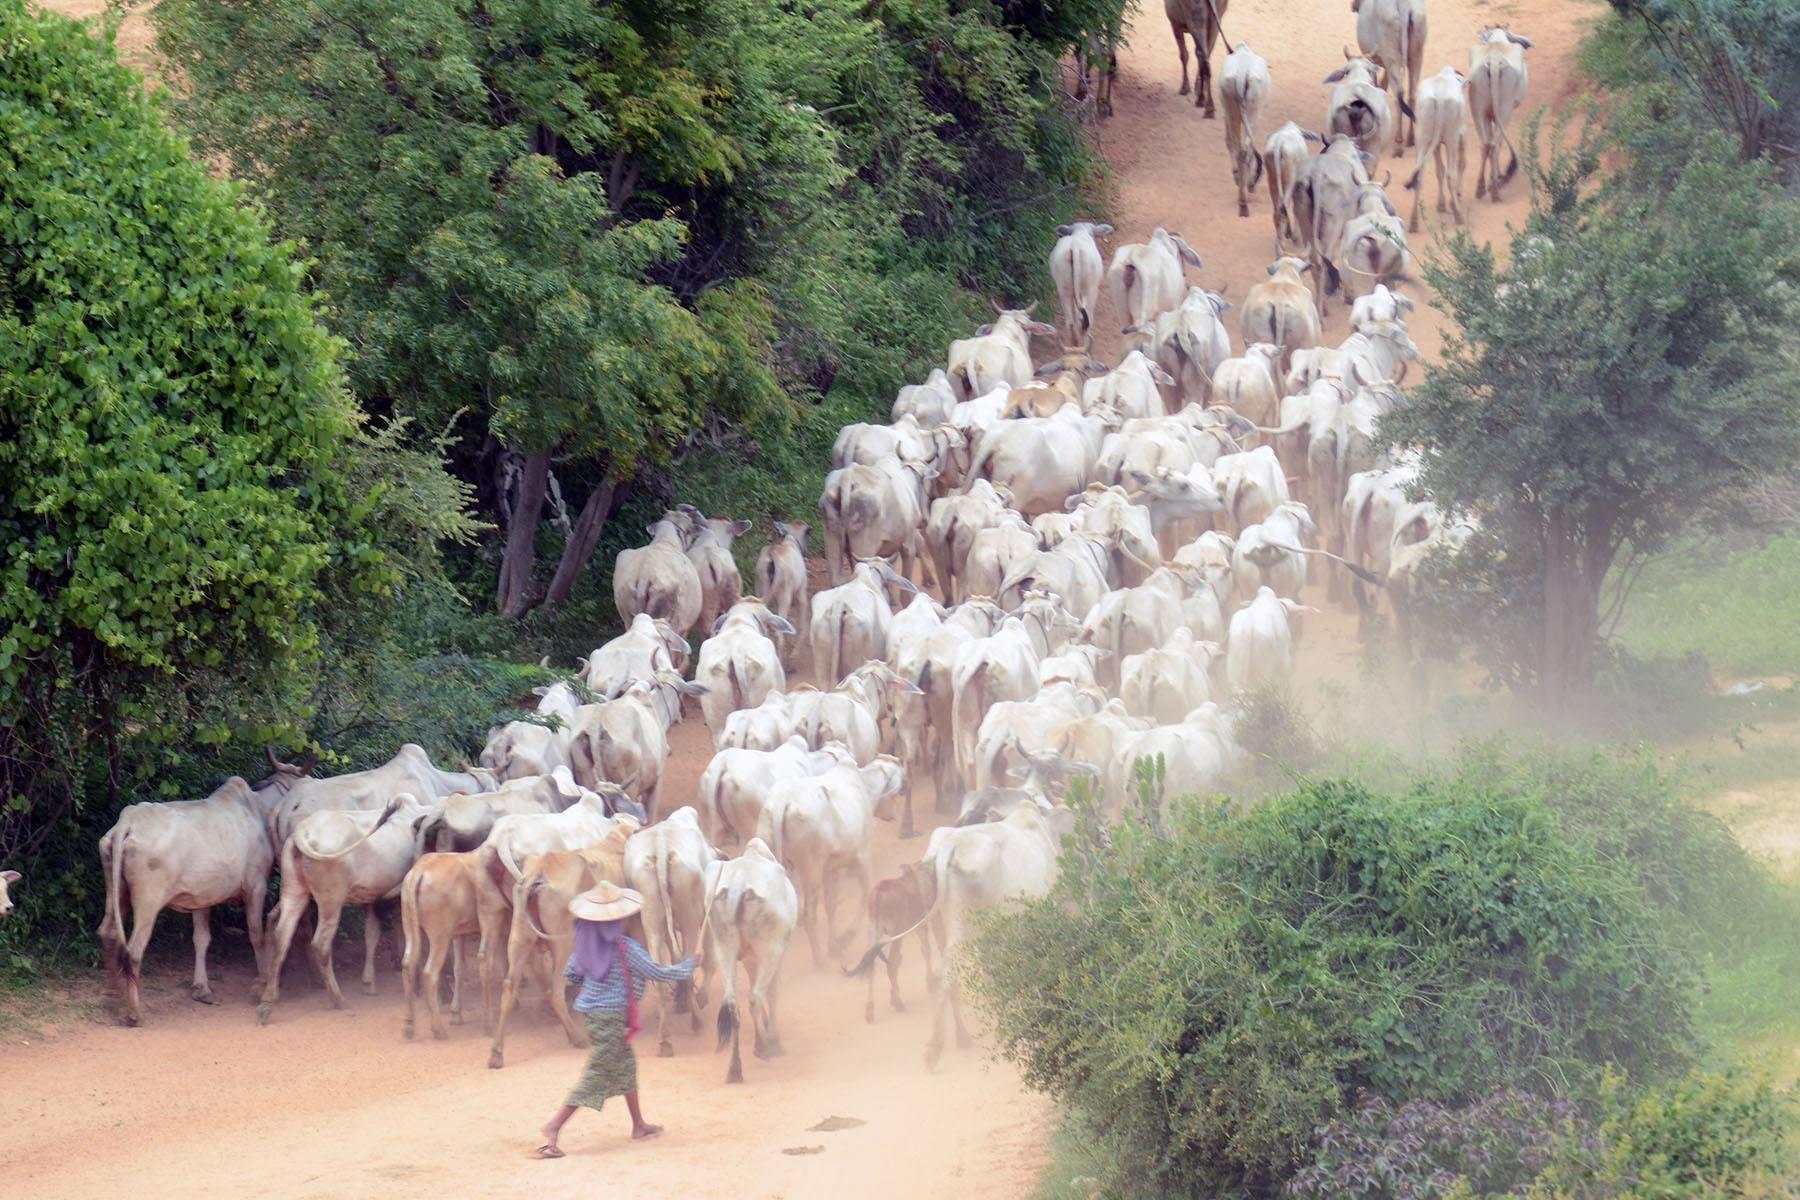 ကျေးရွာပေါင်း ၈၀၀ ကျော်မှနွားများကို ခွာနာလျှာနာရောဂါ ကာကွယ်ဆေး အခမဲ့ထိုးပေးမည်